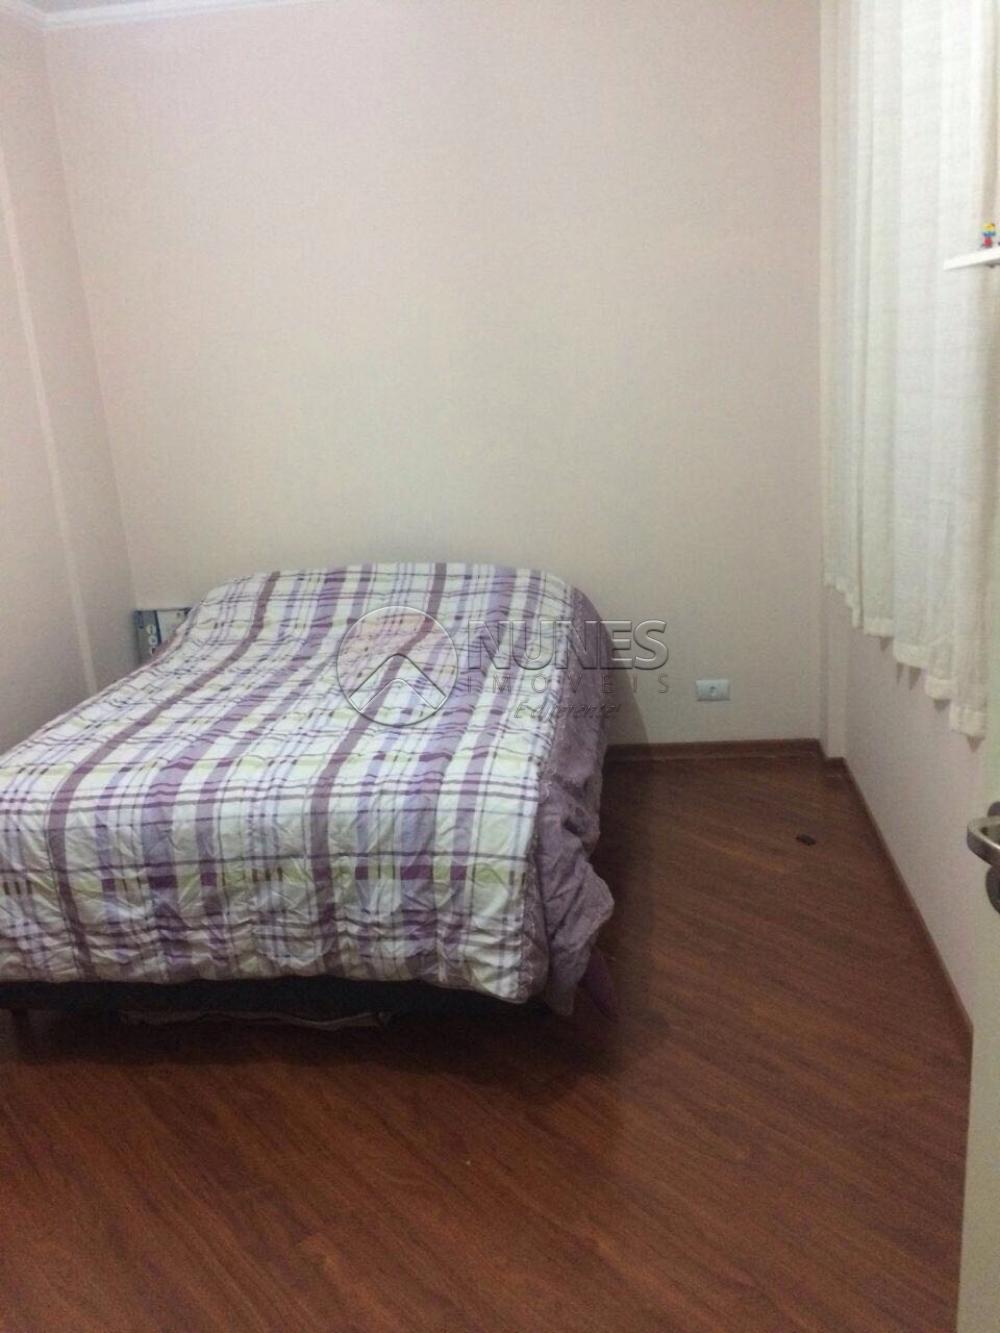 Comprar Apartamento / Padrão em Osasco apenas R$ 245.000,00 - Foto 8